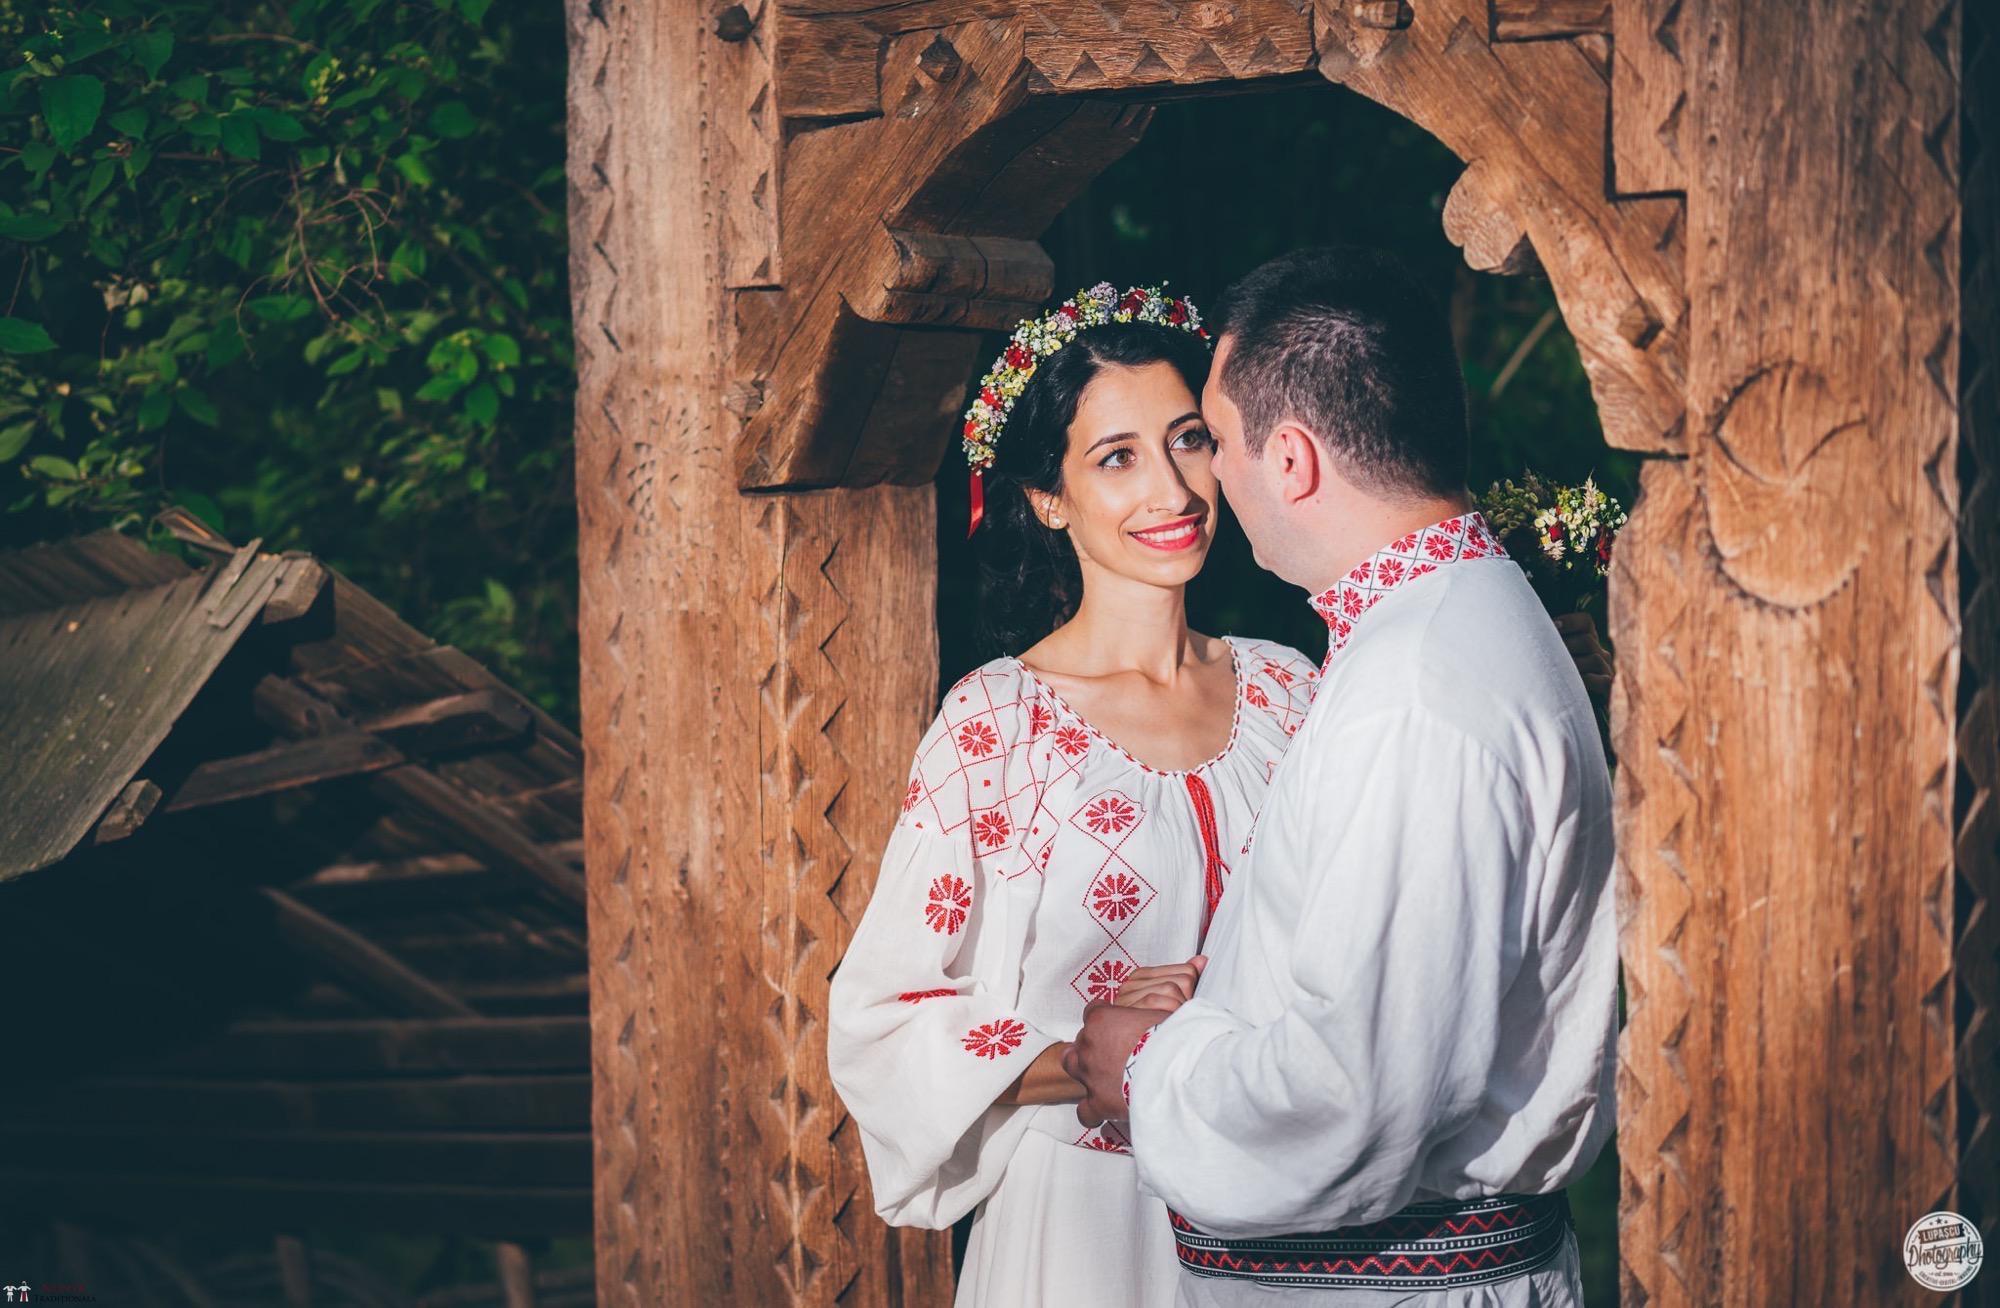 Povești Nunți Tradiționale - Georgiana și Adrian. Nuntă tradițională în București. 40